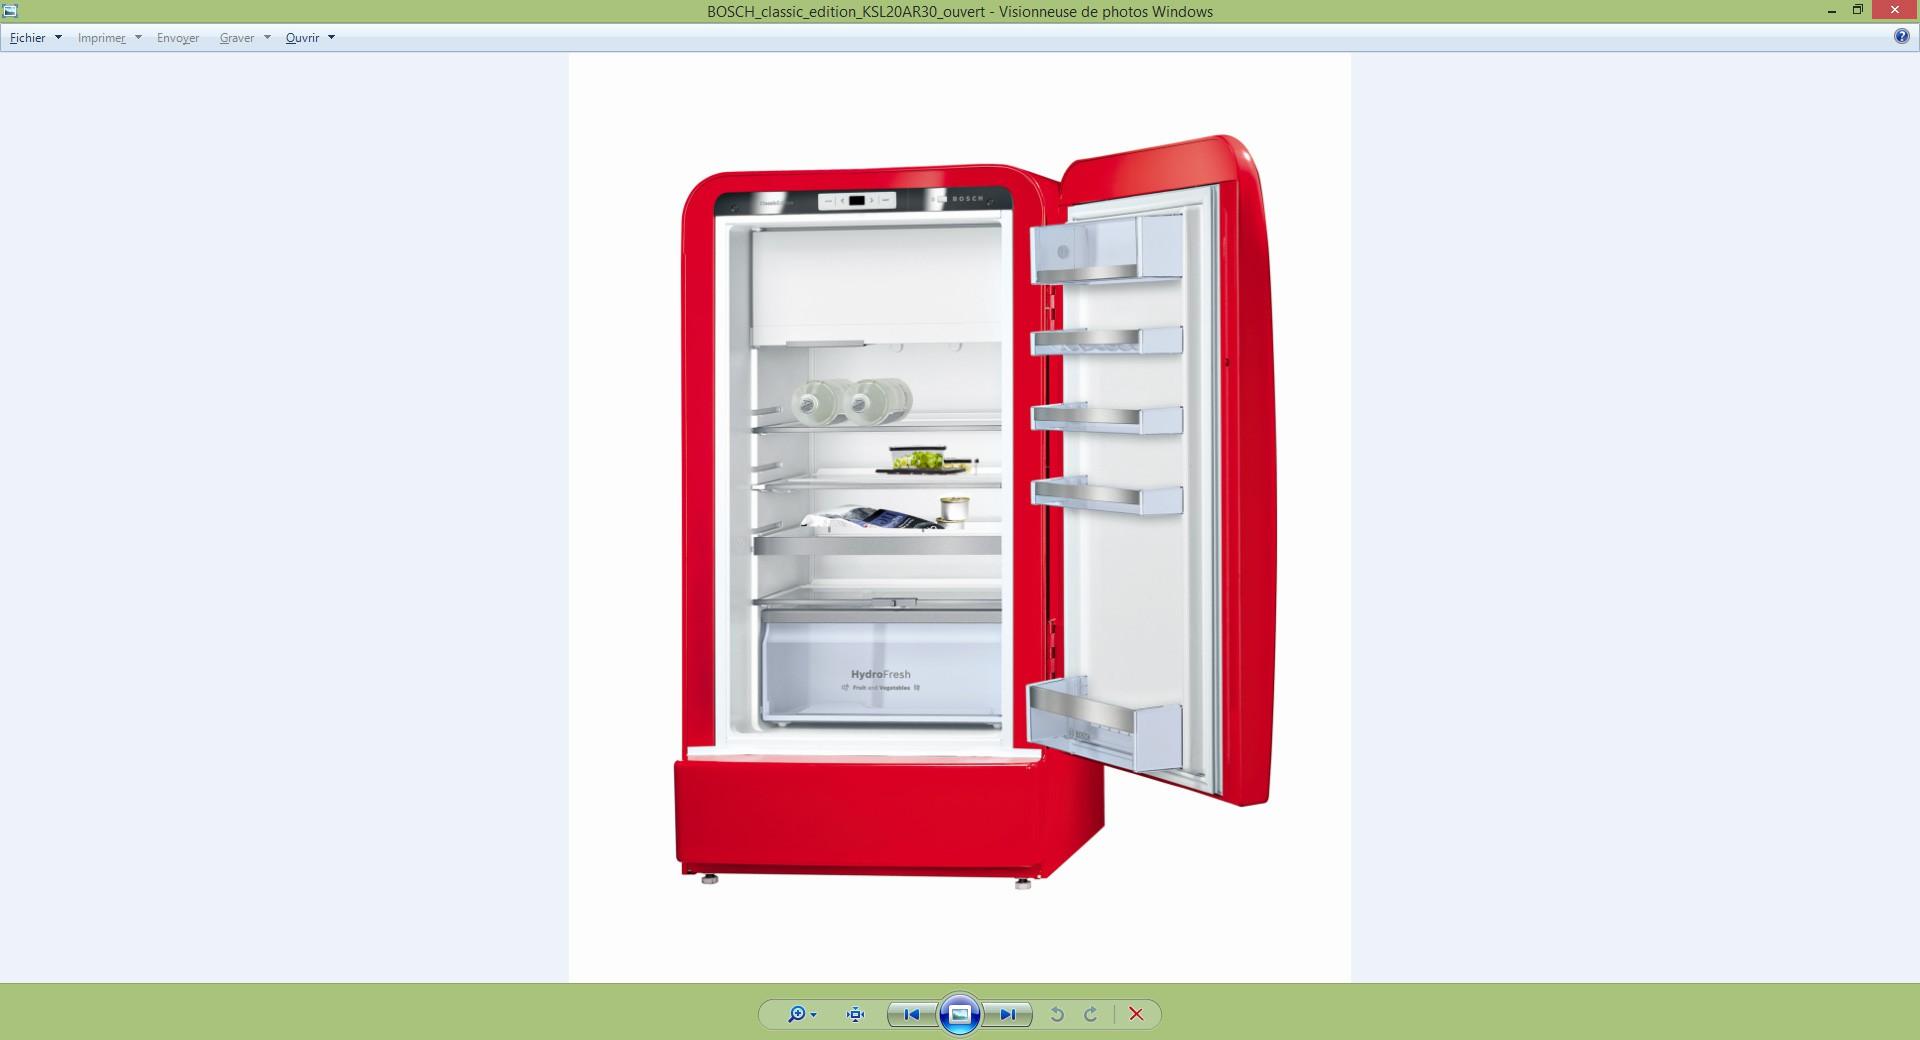 Bosch Présente Ses Nouveaux Réfrigérateurs Colorés Au Look